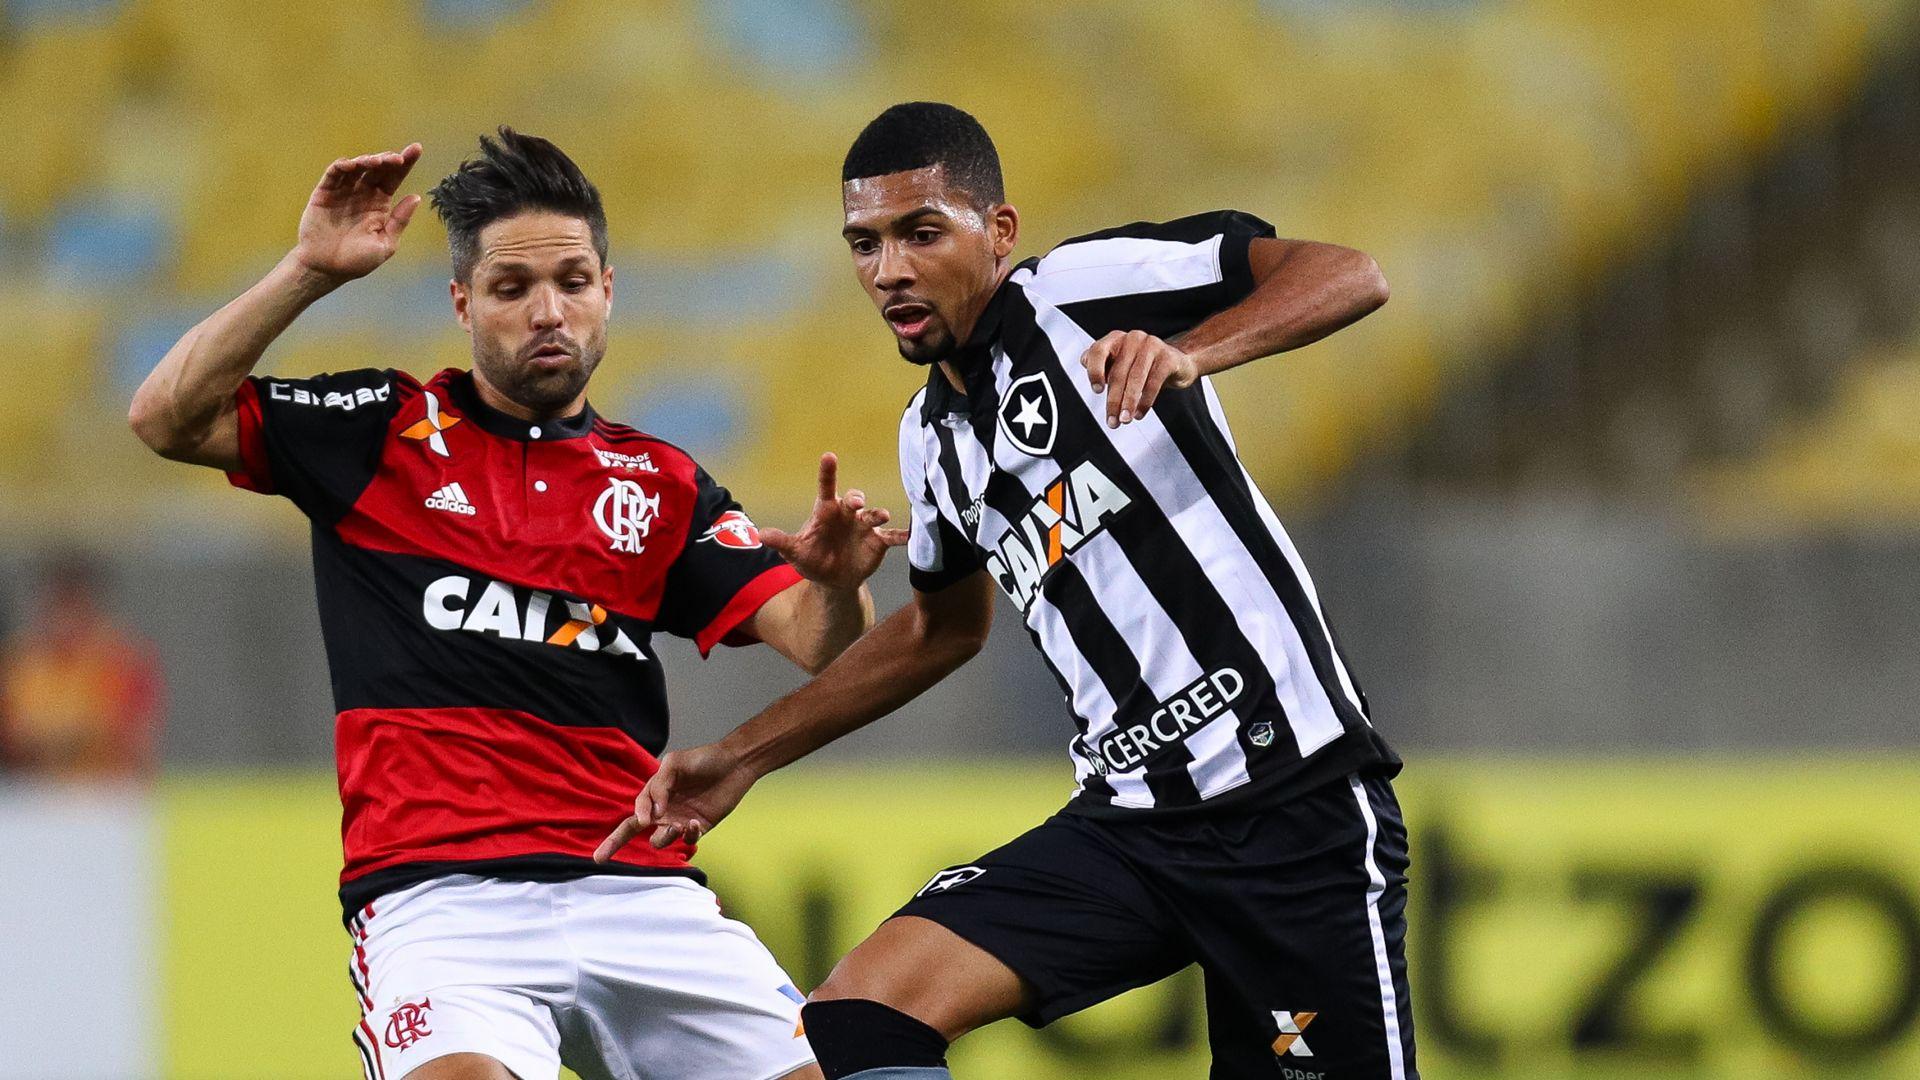 FERJ confirma semifinal entre Flamengo e Botafogo em Volta Redonda — Carioca